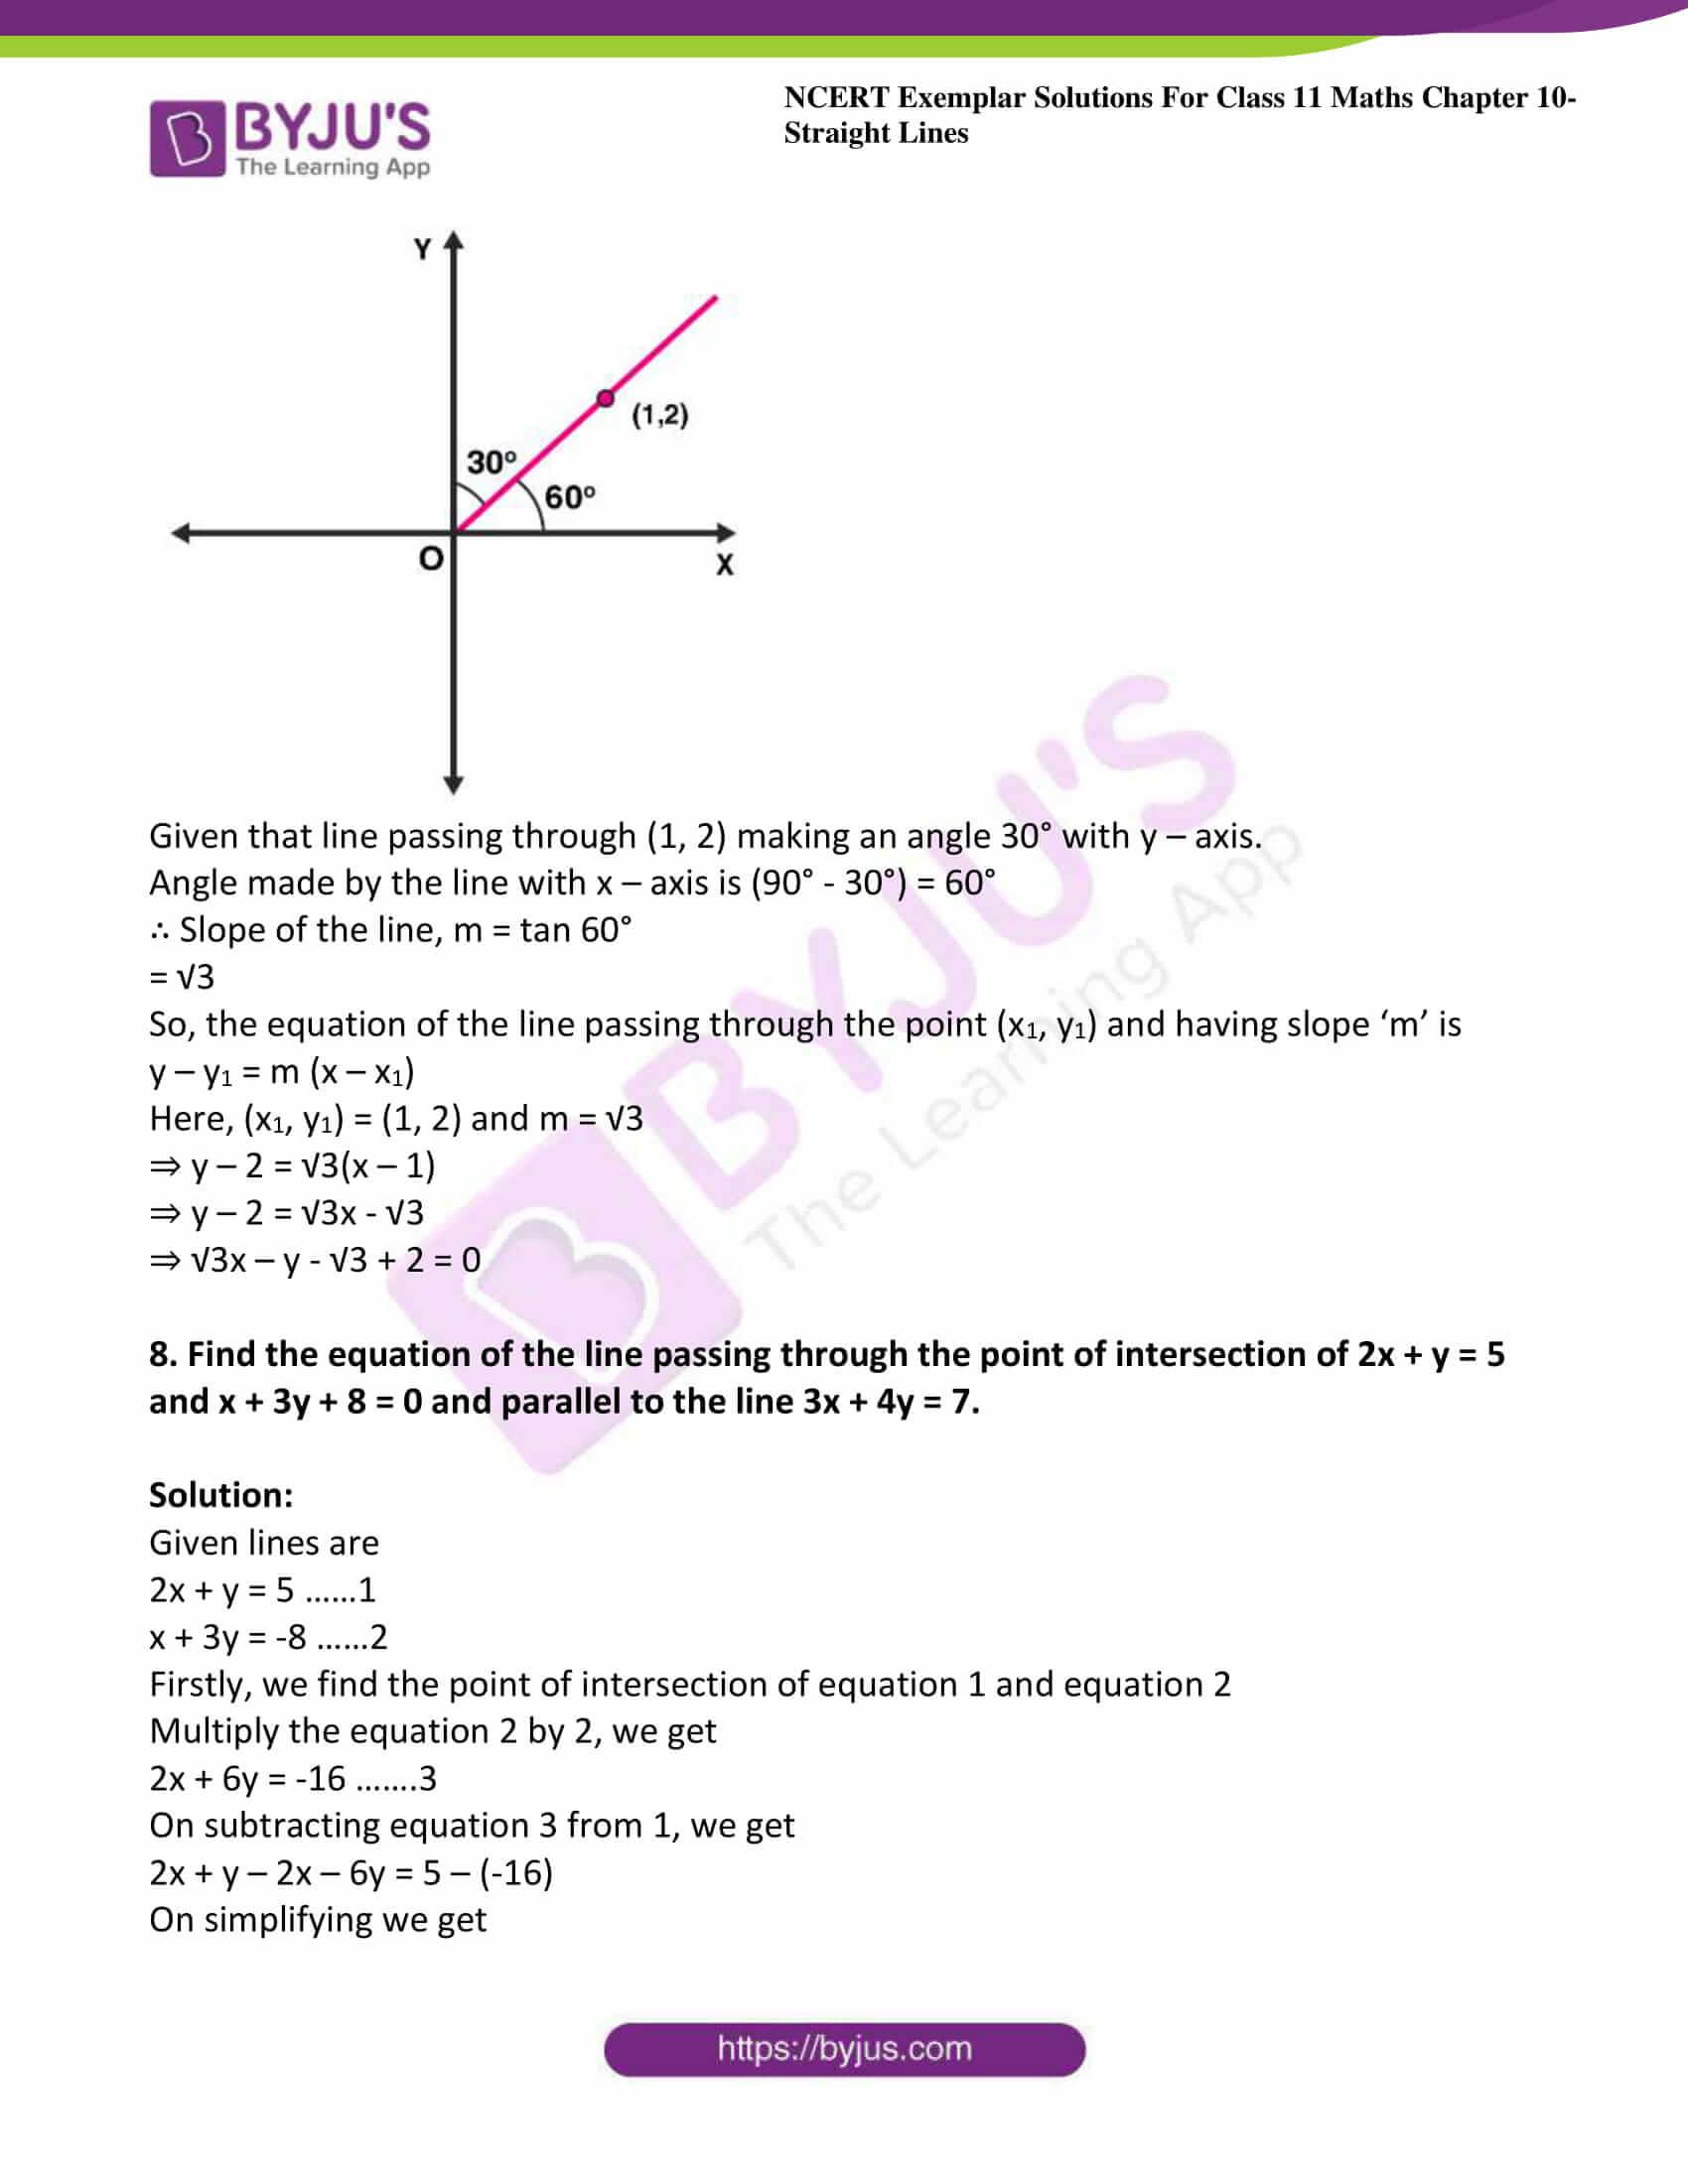 ncert exemplar sol class 11 maths chpt 10 straight lines 08